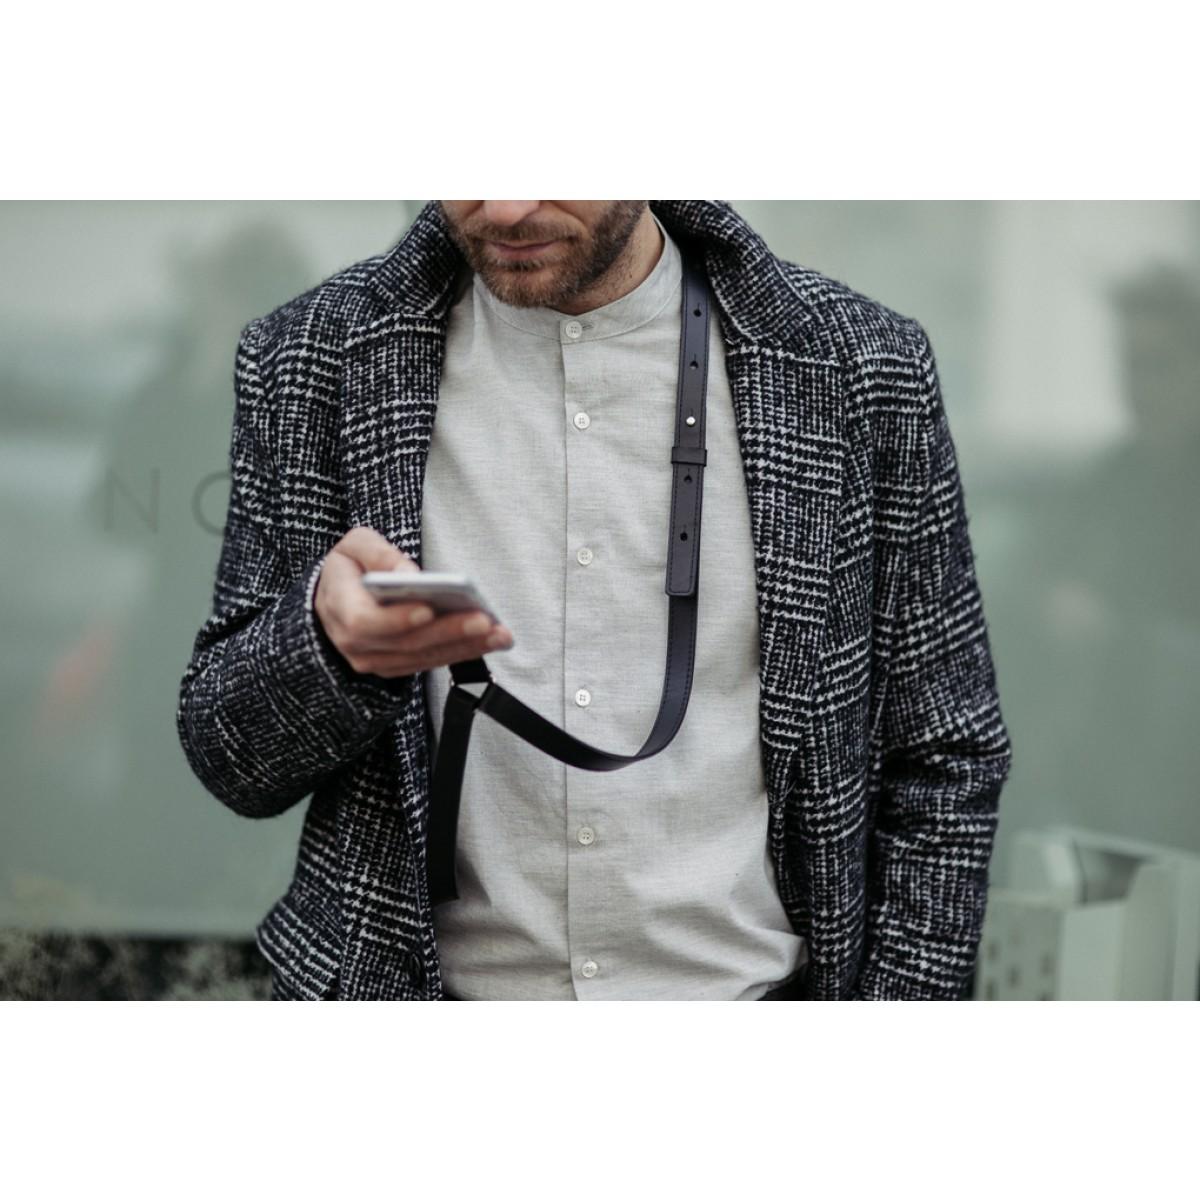 IPhone Case Zum Umhängen Mit maskulinem Lederriemen, schwarz